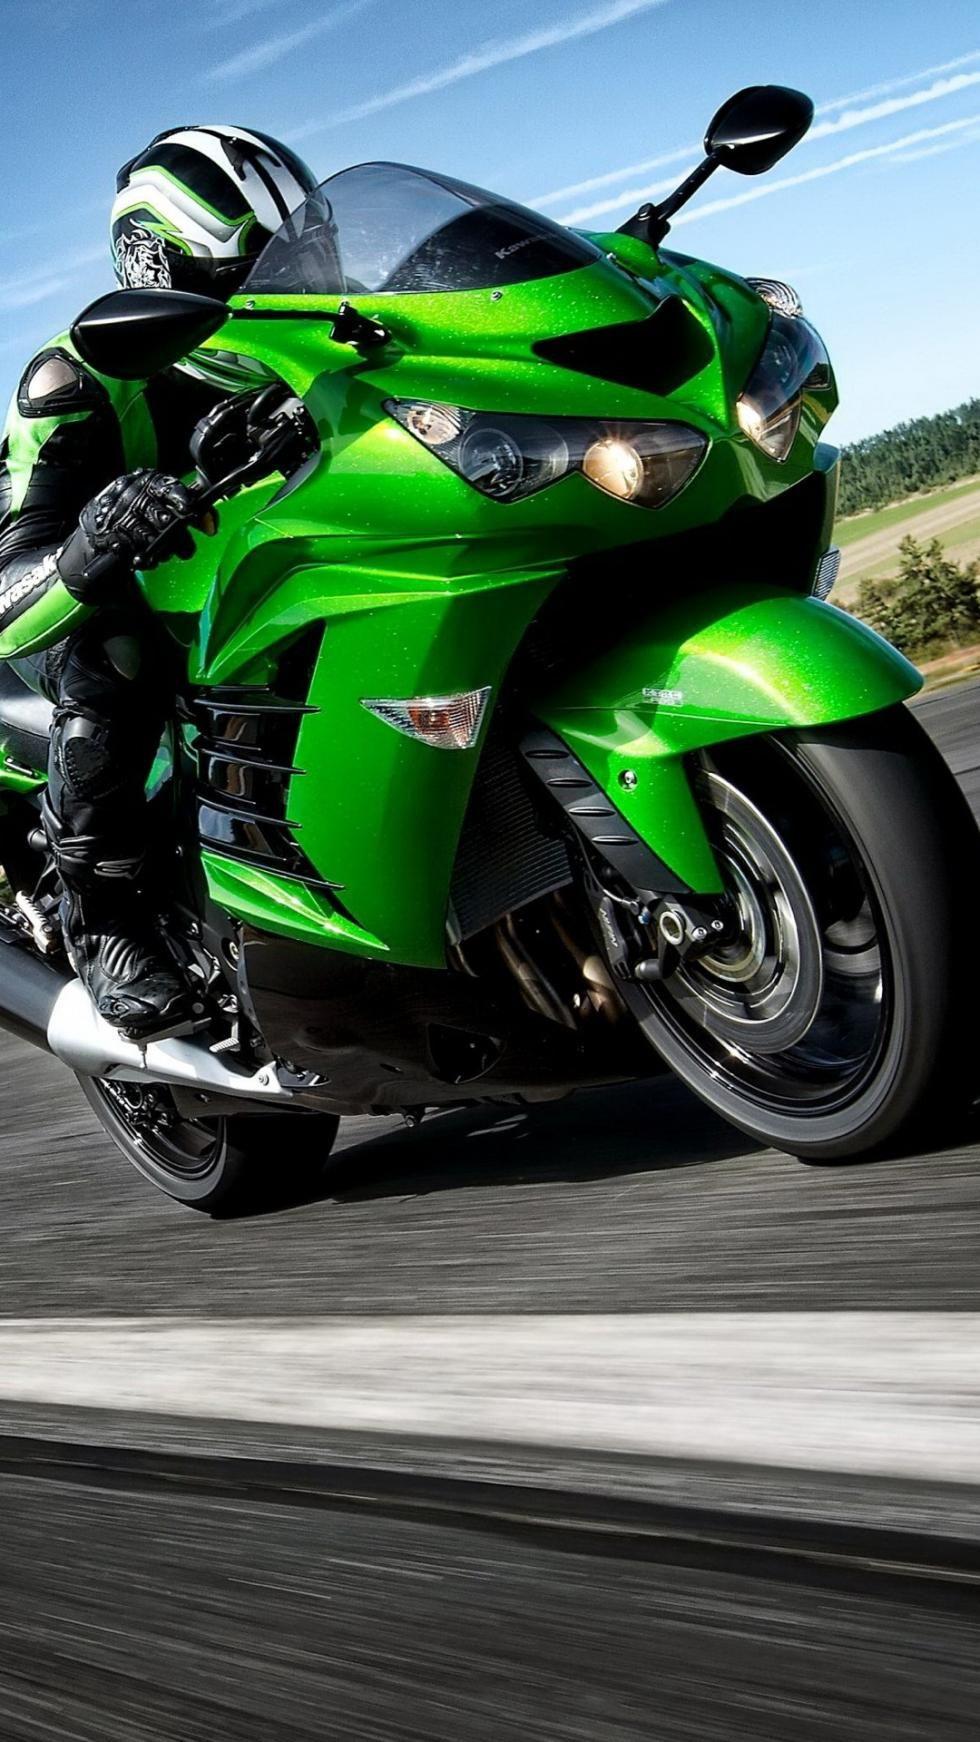 Fondos de pantalla sobre motos